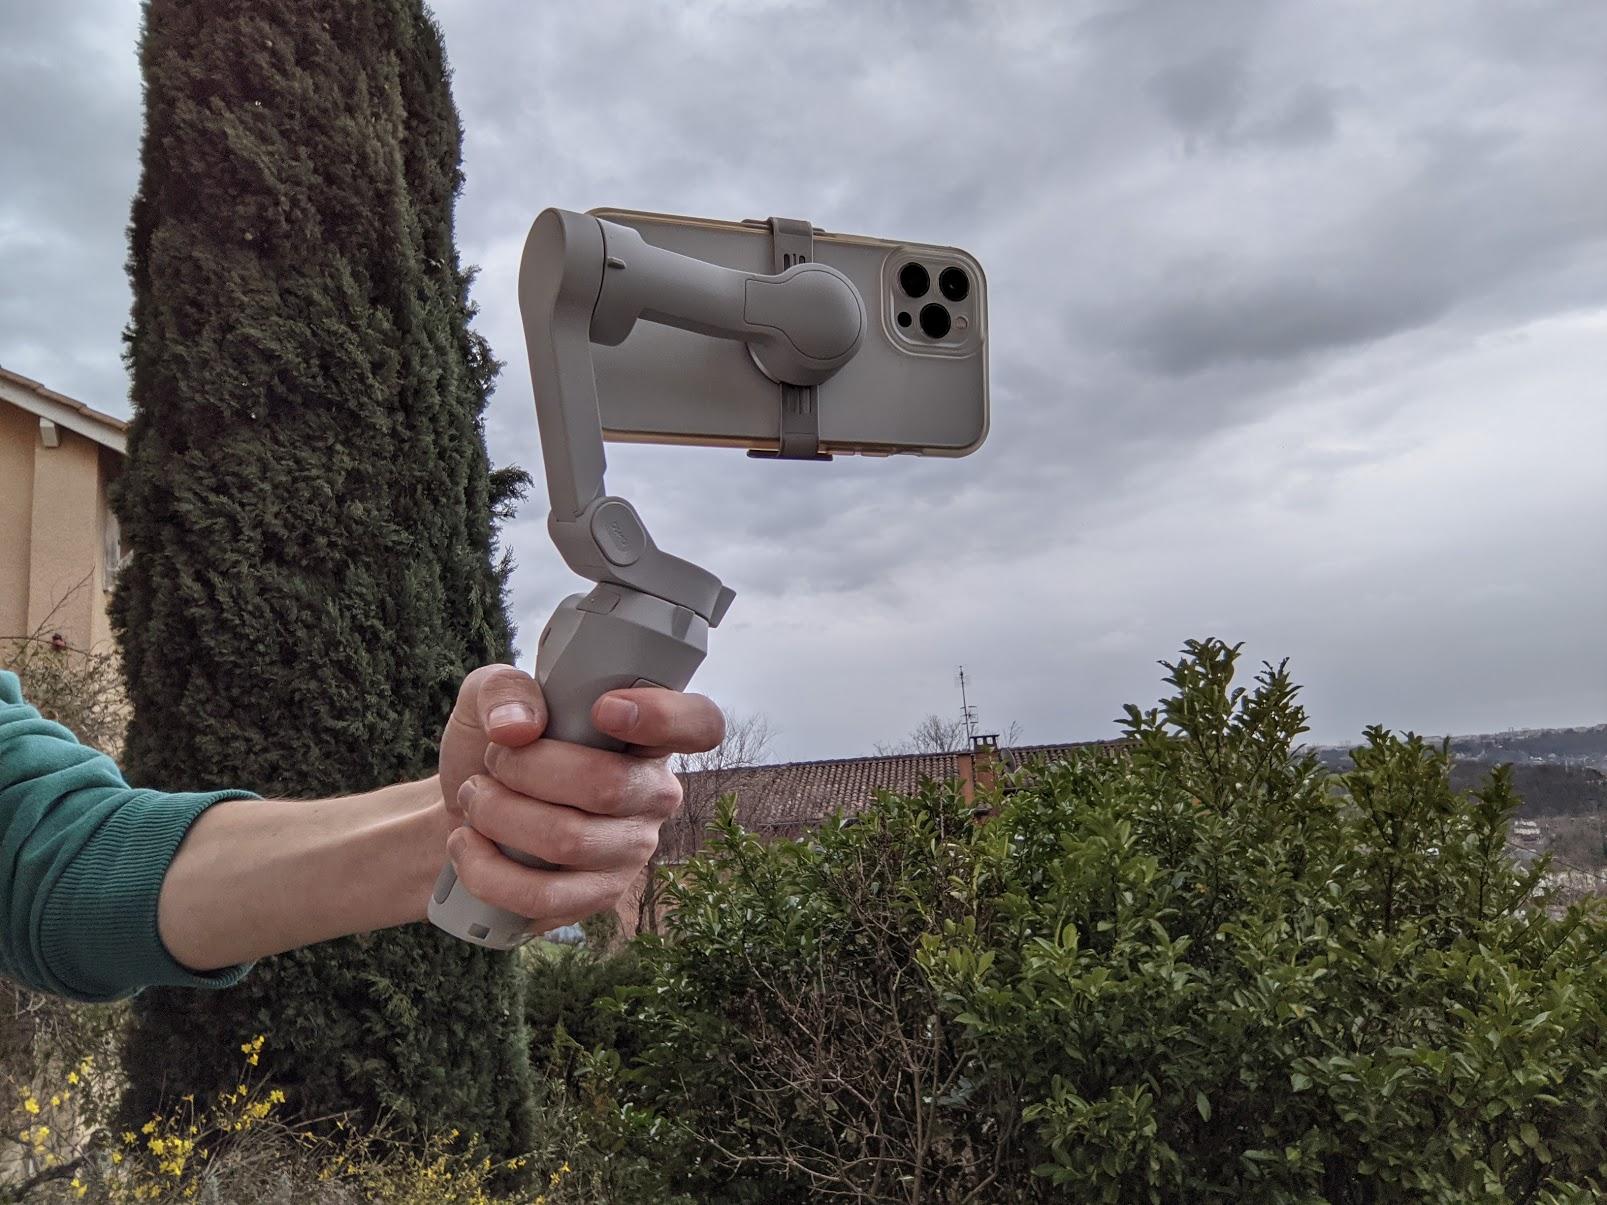 Test du DJI OM 4 : le stabilisateur pour smartphone qui veut se faire oublier - Frandroid